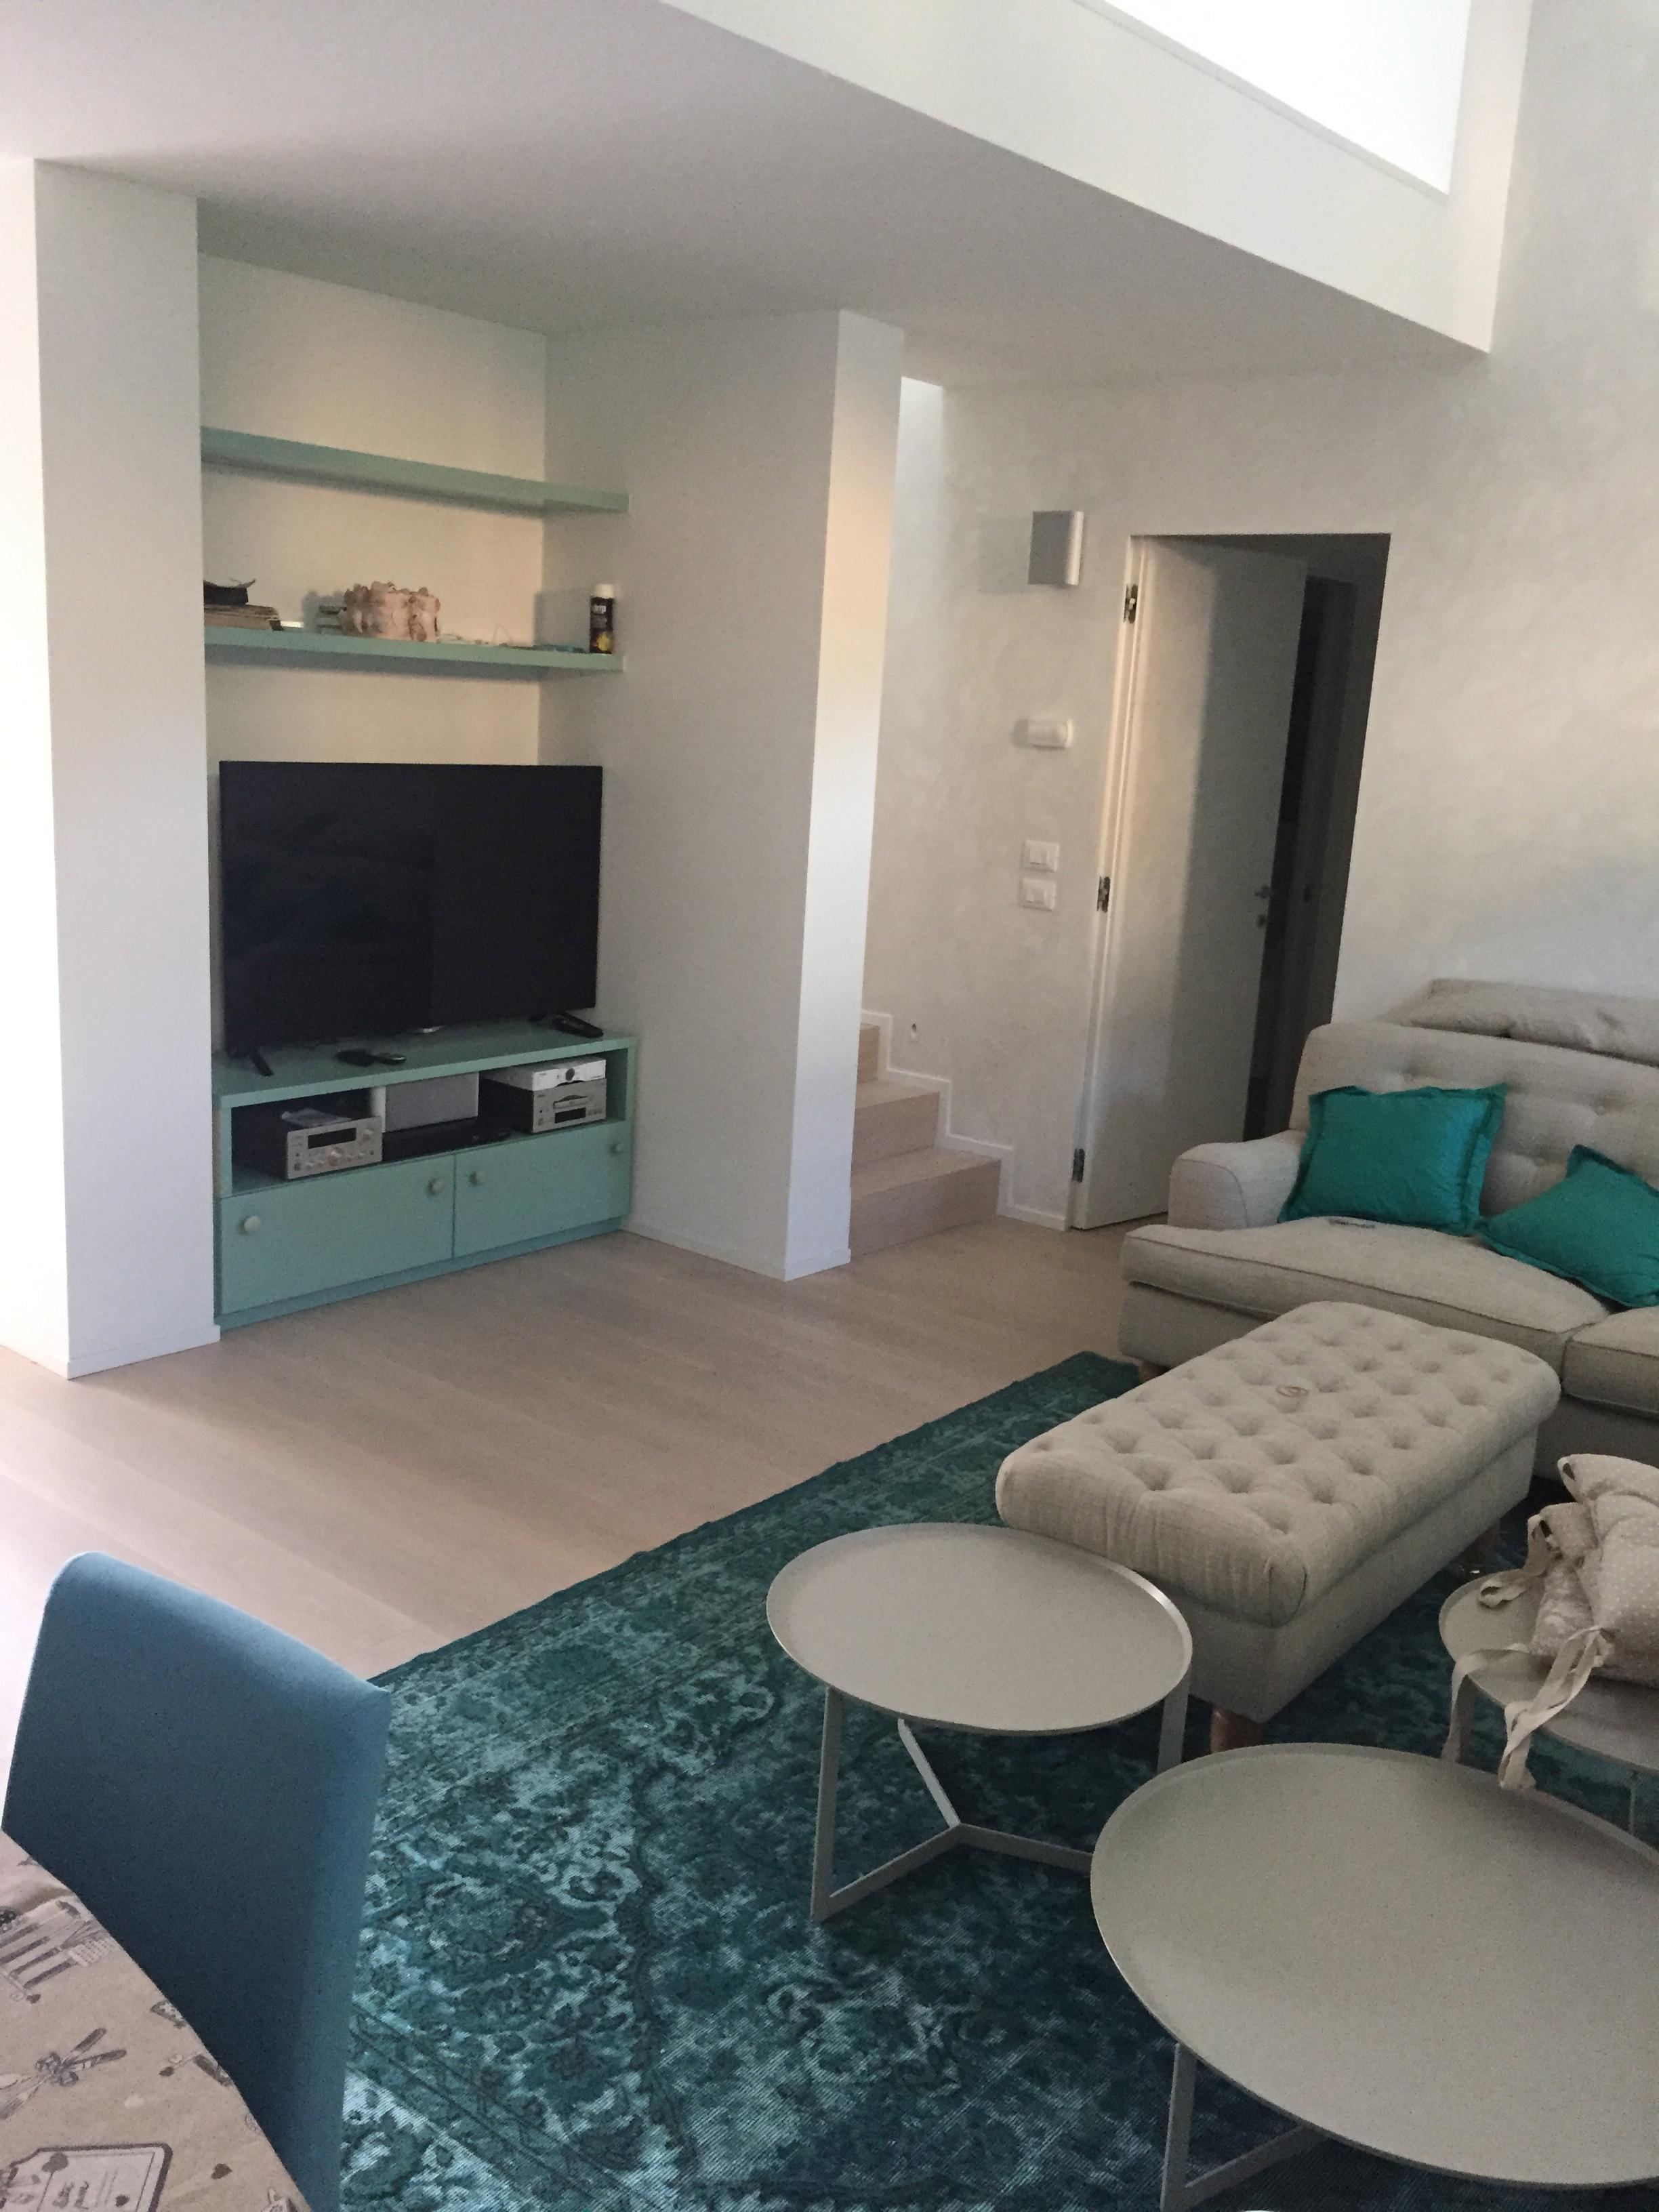 RICCIONE CENTRO ABISSINIA, appartamenti in vendita  nuovi, centralissimi